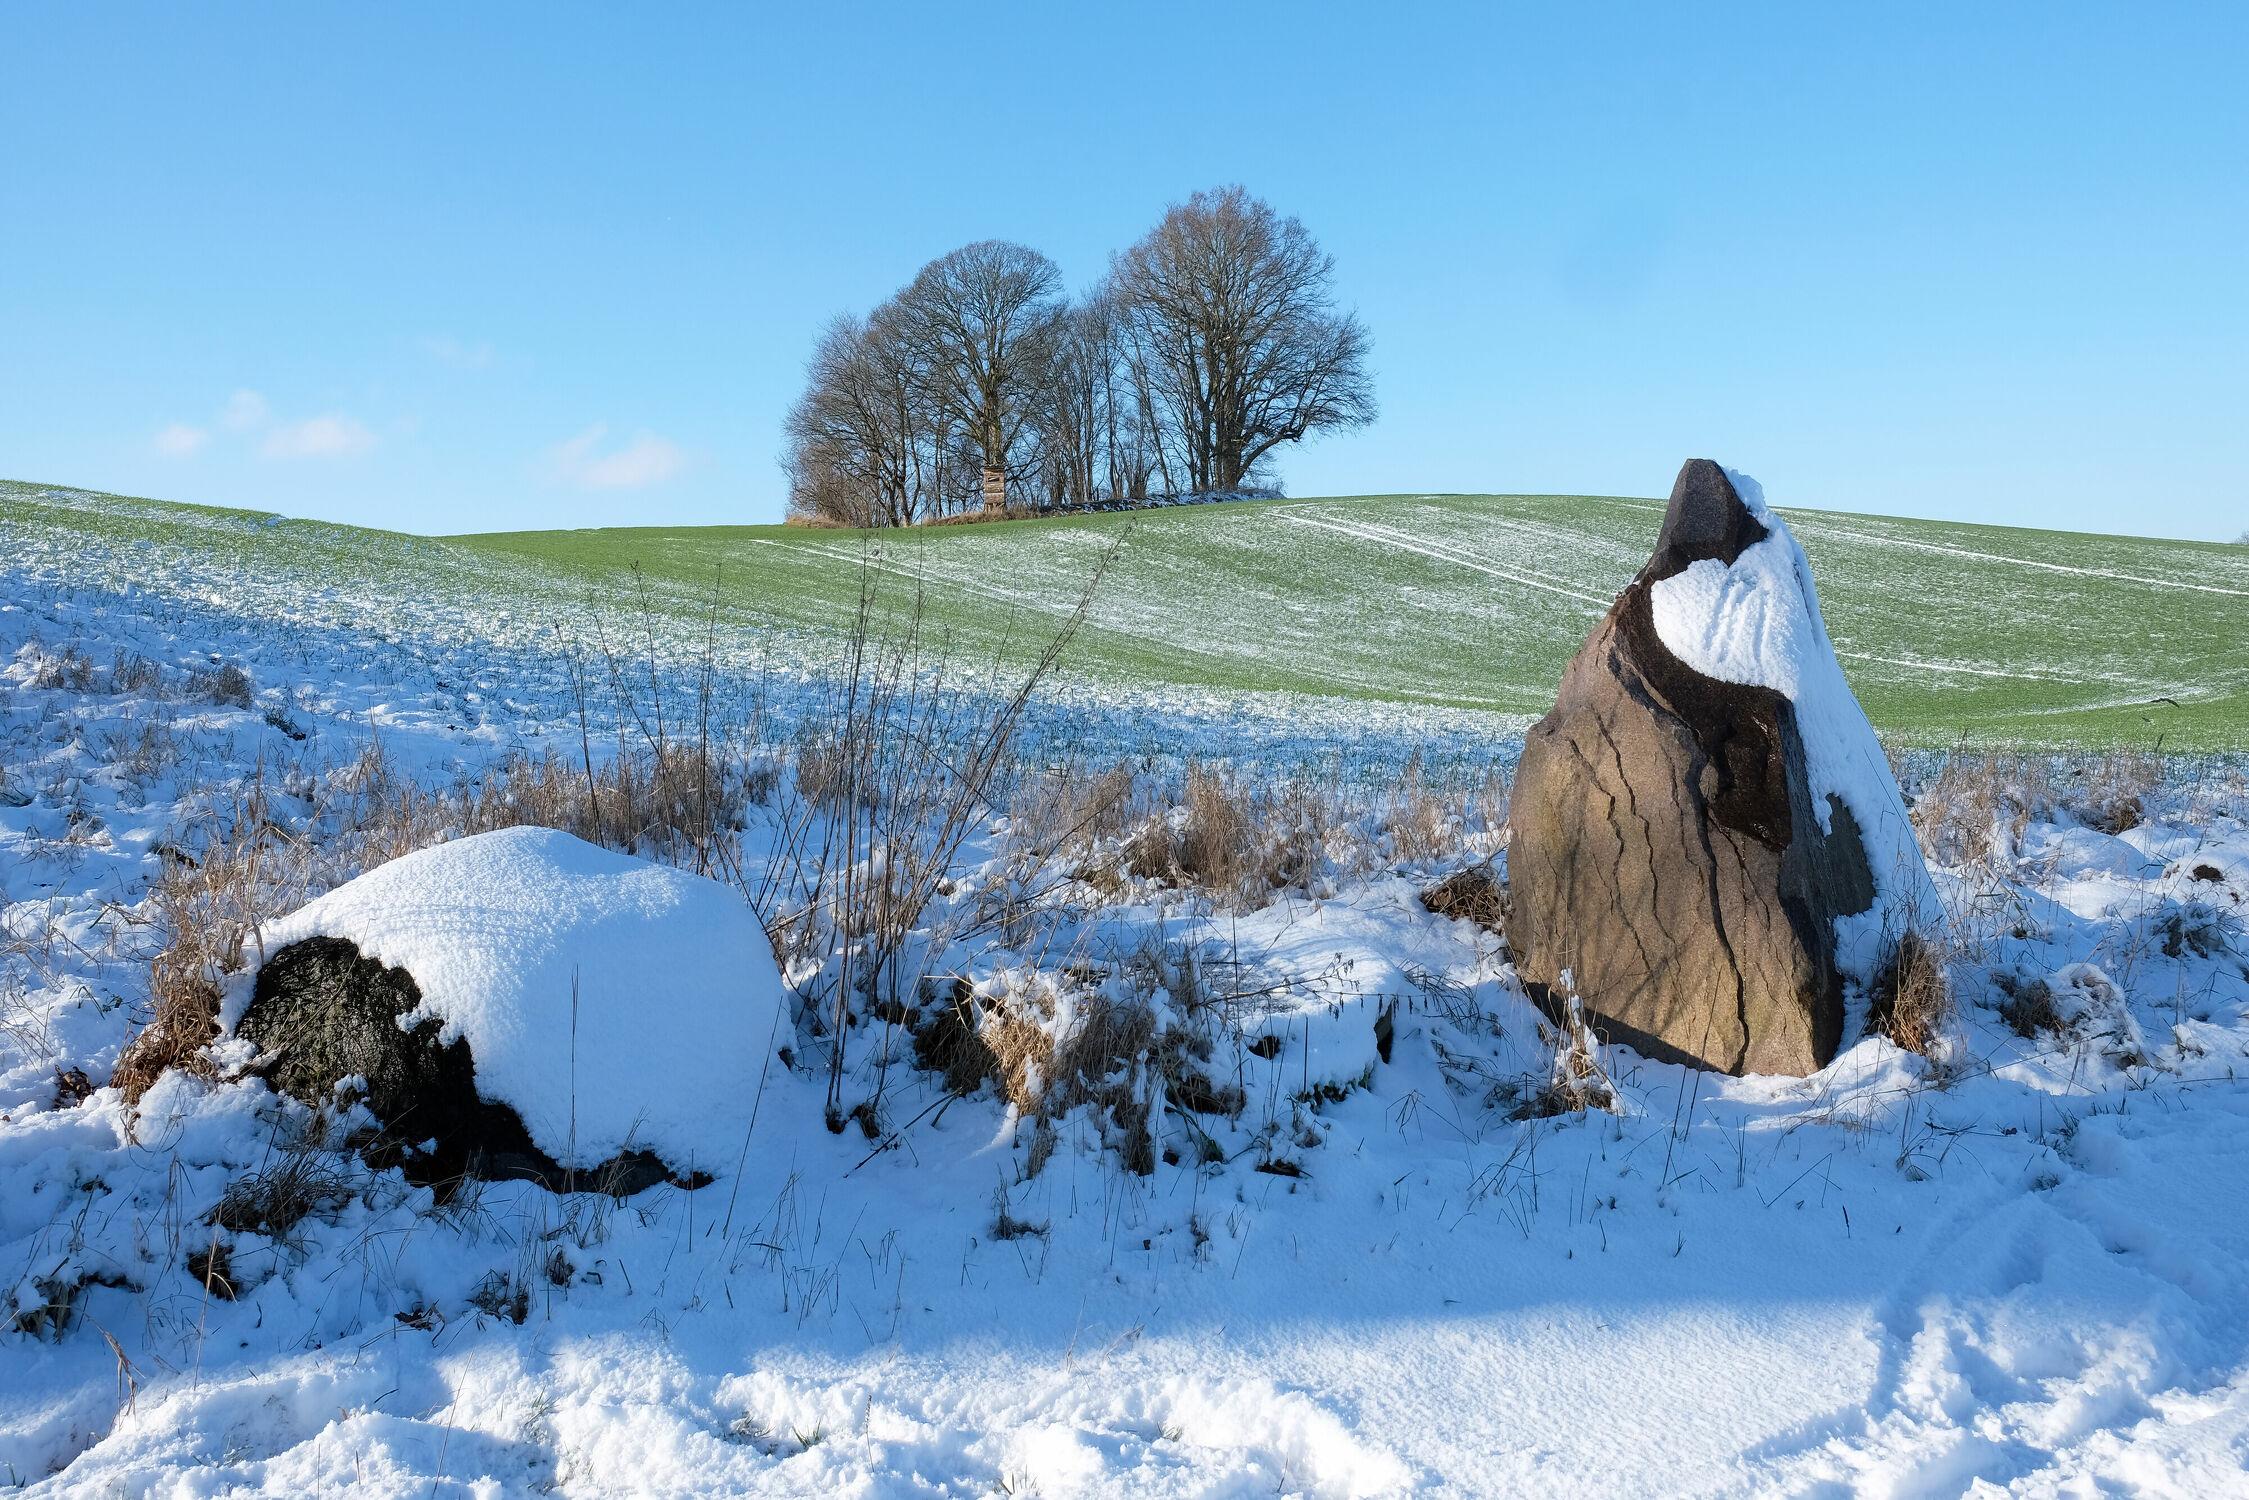 Bild mit Gräser, Himmel, Winter, Schnee, Blau, Wege, Felder, Wiesen, Schleswig_Holstein, Anhöhe, Eckpunkte, Merkmale, Eckstein, Areal, Gutshof, Naturparks